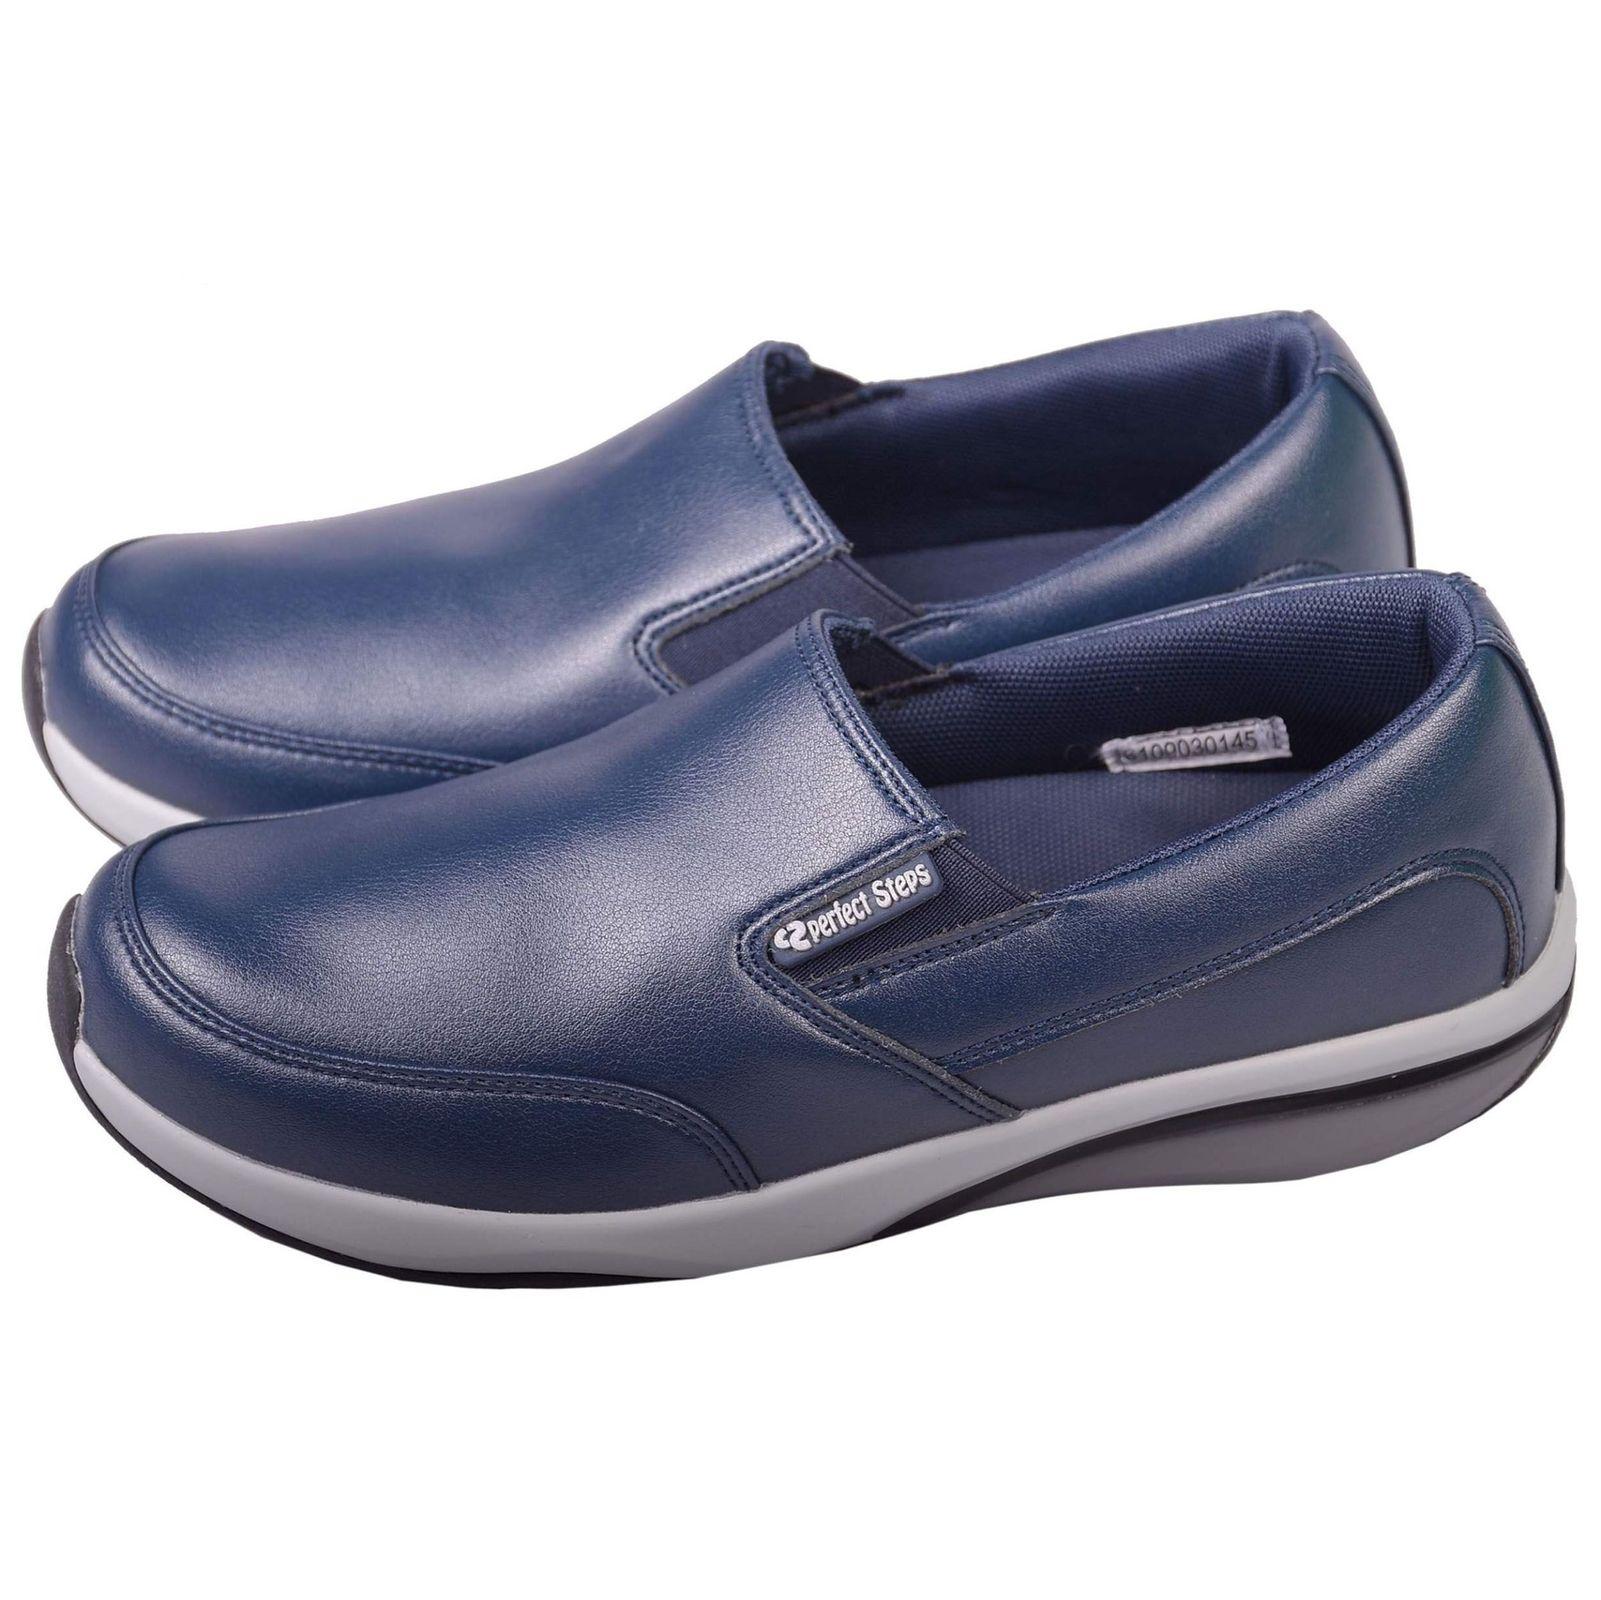 کفش مخصوص پیاده روی زنانه پرفکت استپس مدل پریمو کژوال رنگ سرمه ای main 1 2